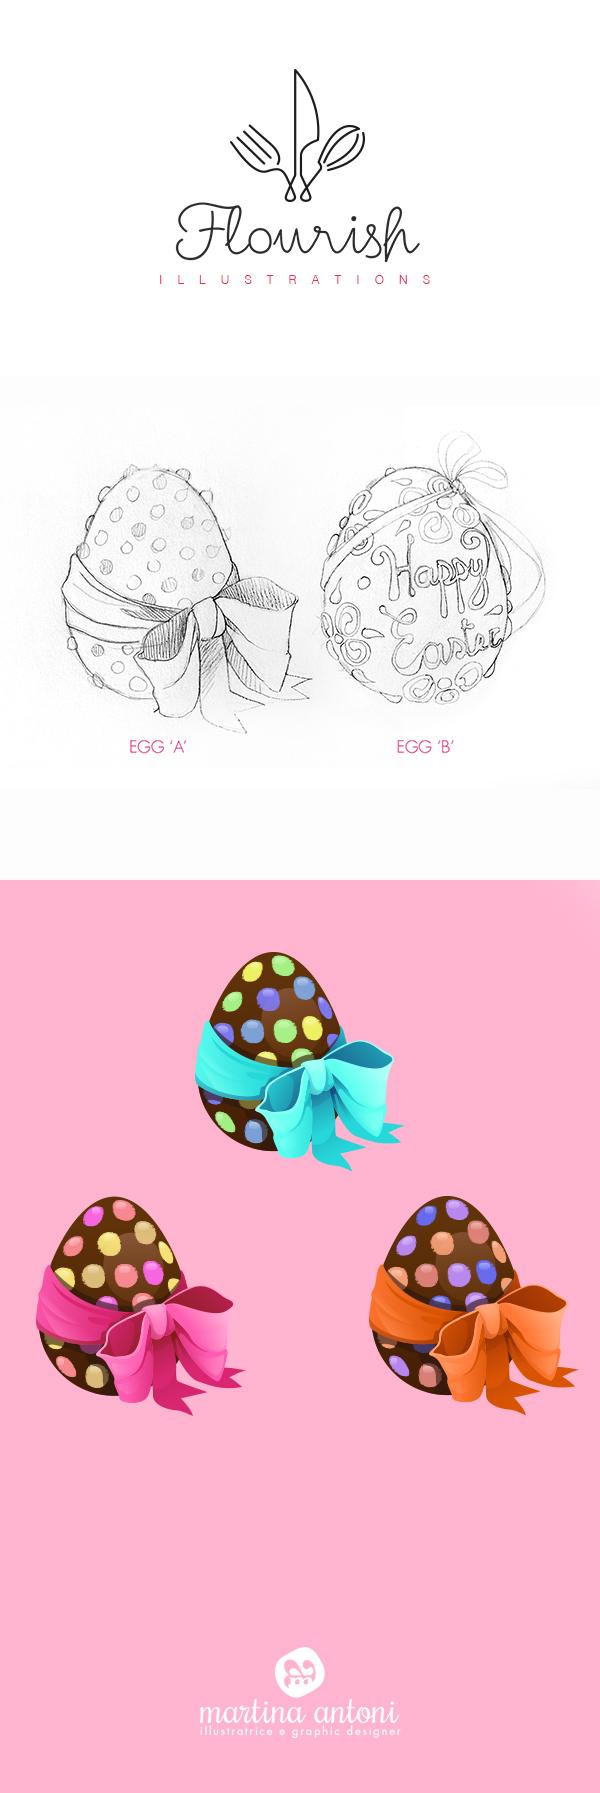 Flourish easter egg clipart jpg black and white Flourish - Easter Egg on Behance jpg black and white